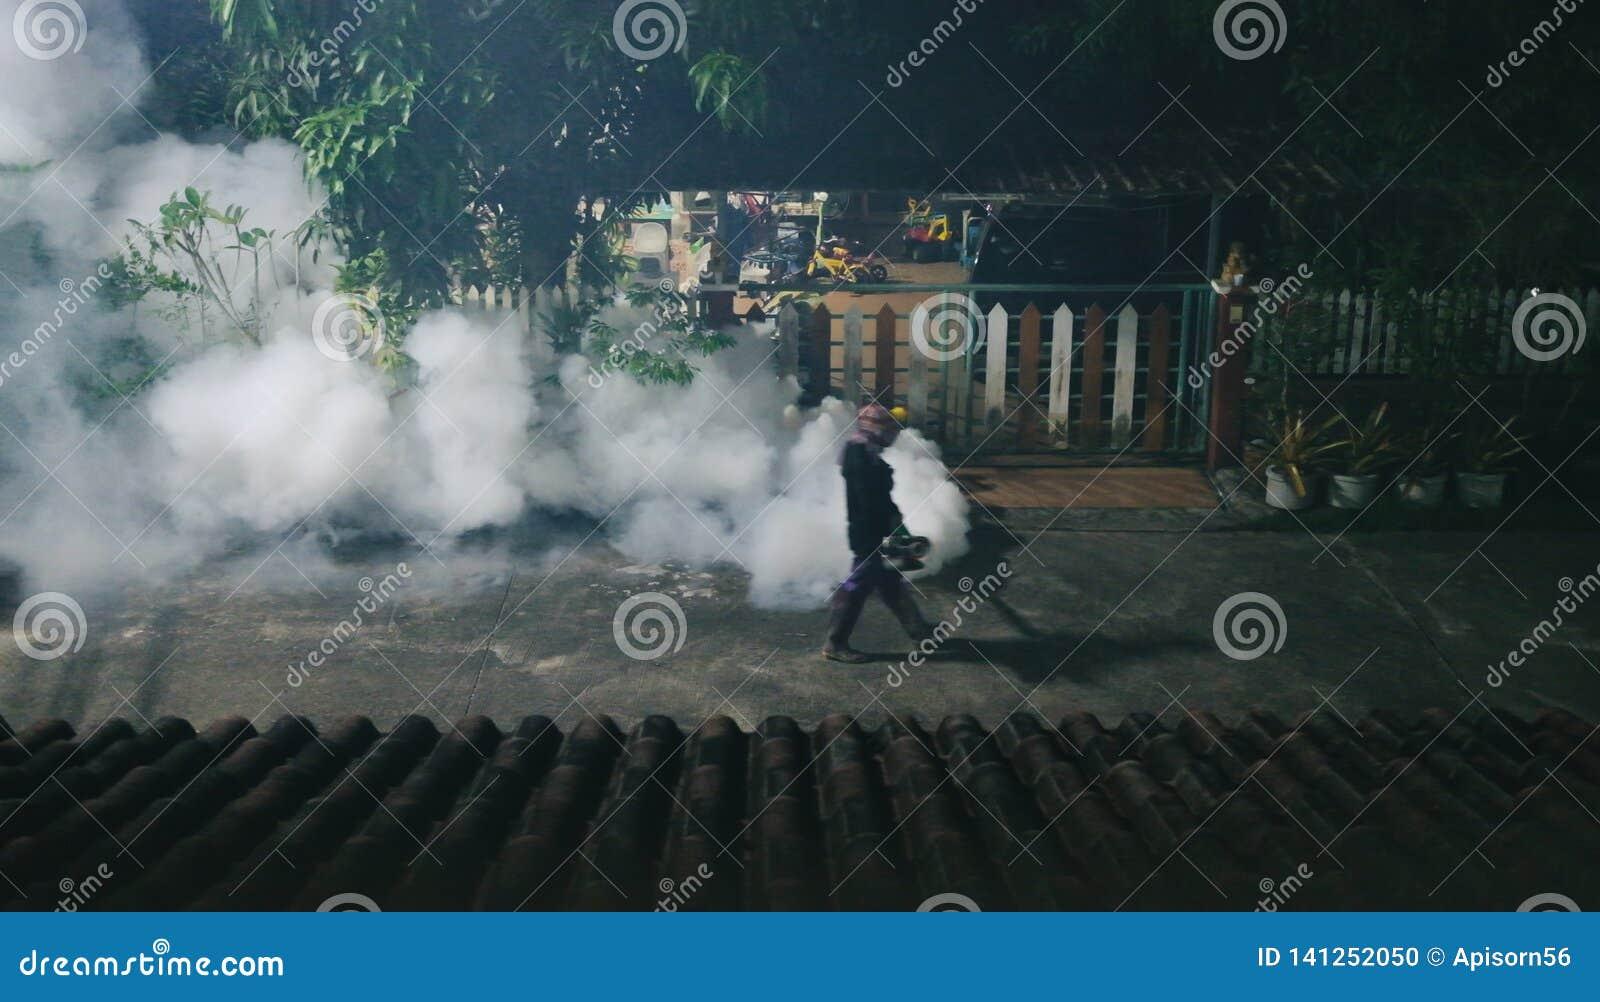 Άτομο που απελευθερώνει τον καπνό για να τακτοποιήσει τα κουνούπια και να προστατεύσει την ελονοσία στο χωριό τη νύχτα